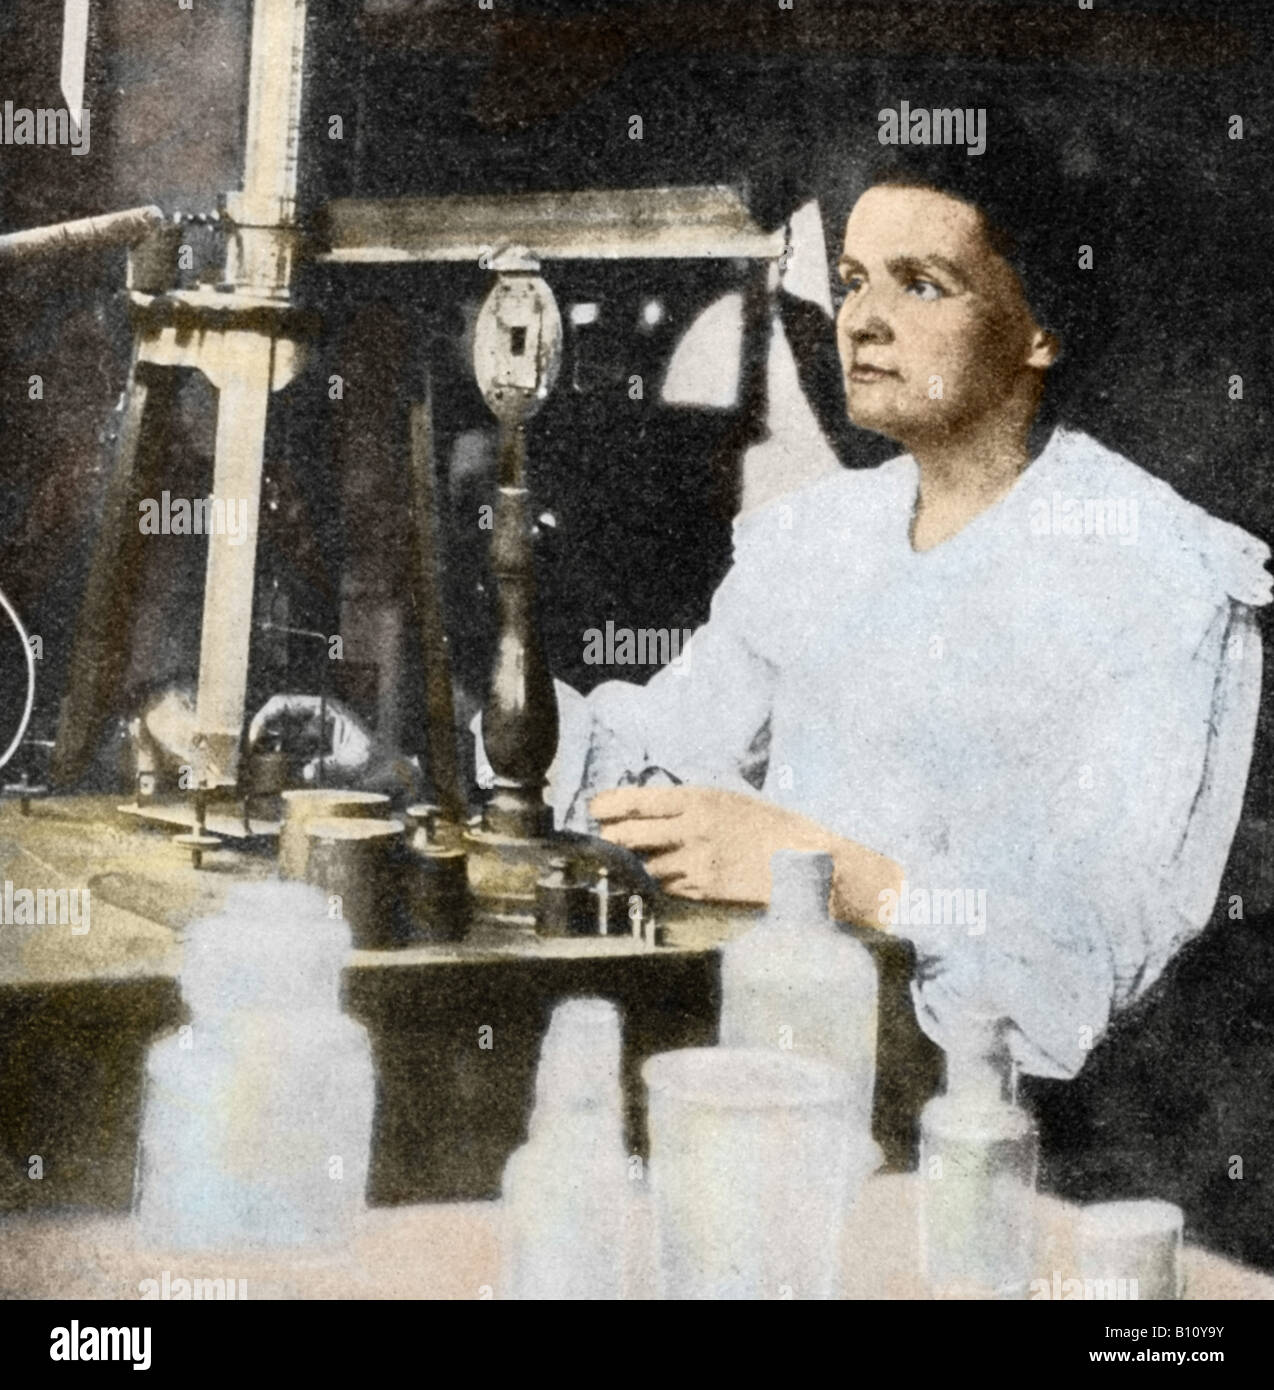 Le borse Marie Curie 1867 - 1934 Polacco fisico francese nel suo laboratorio. Con suo marito Pierre ha isolato di Immagini Stock